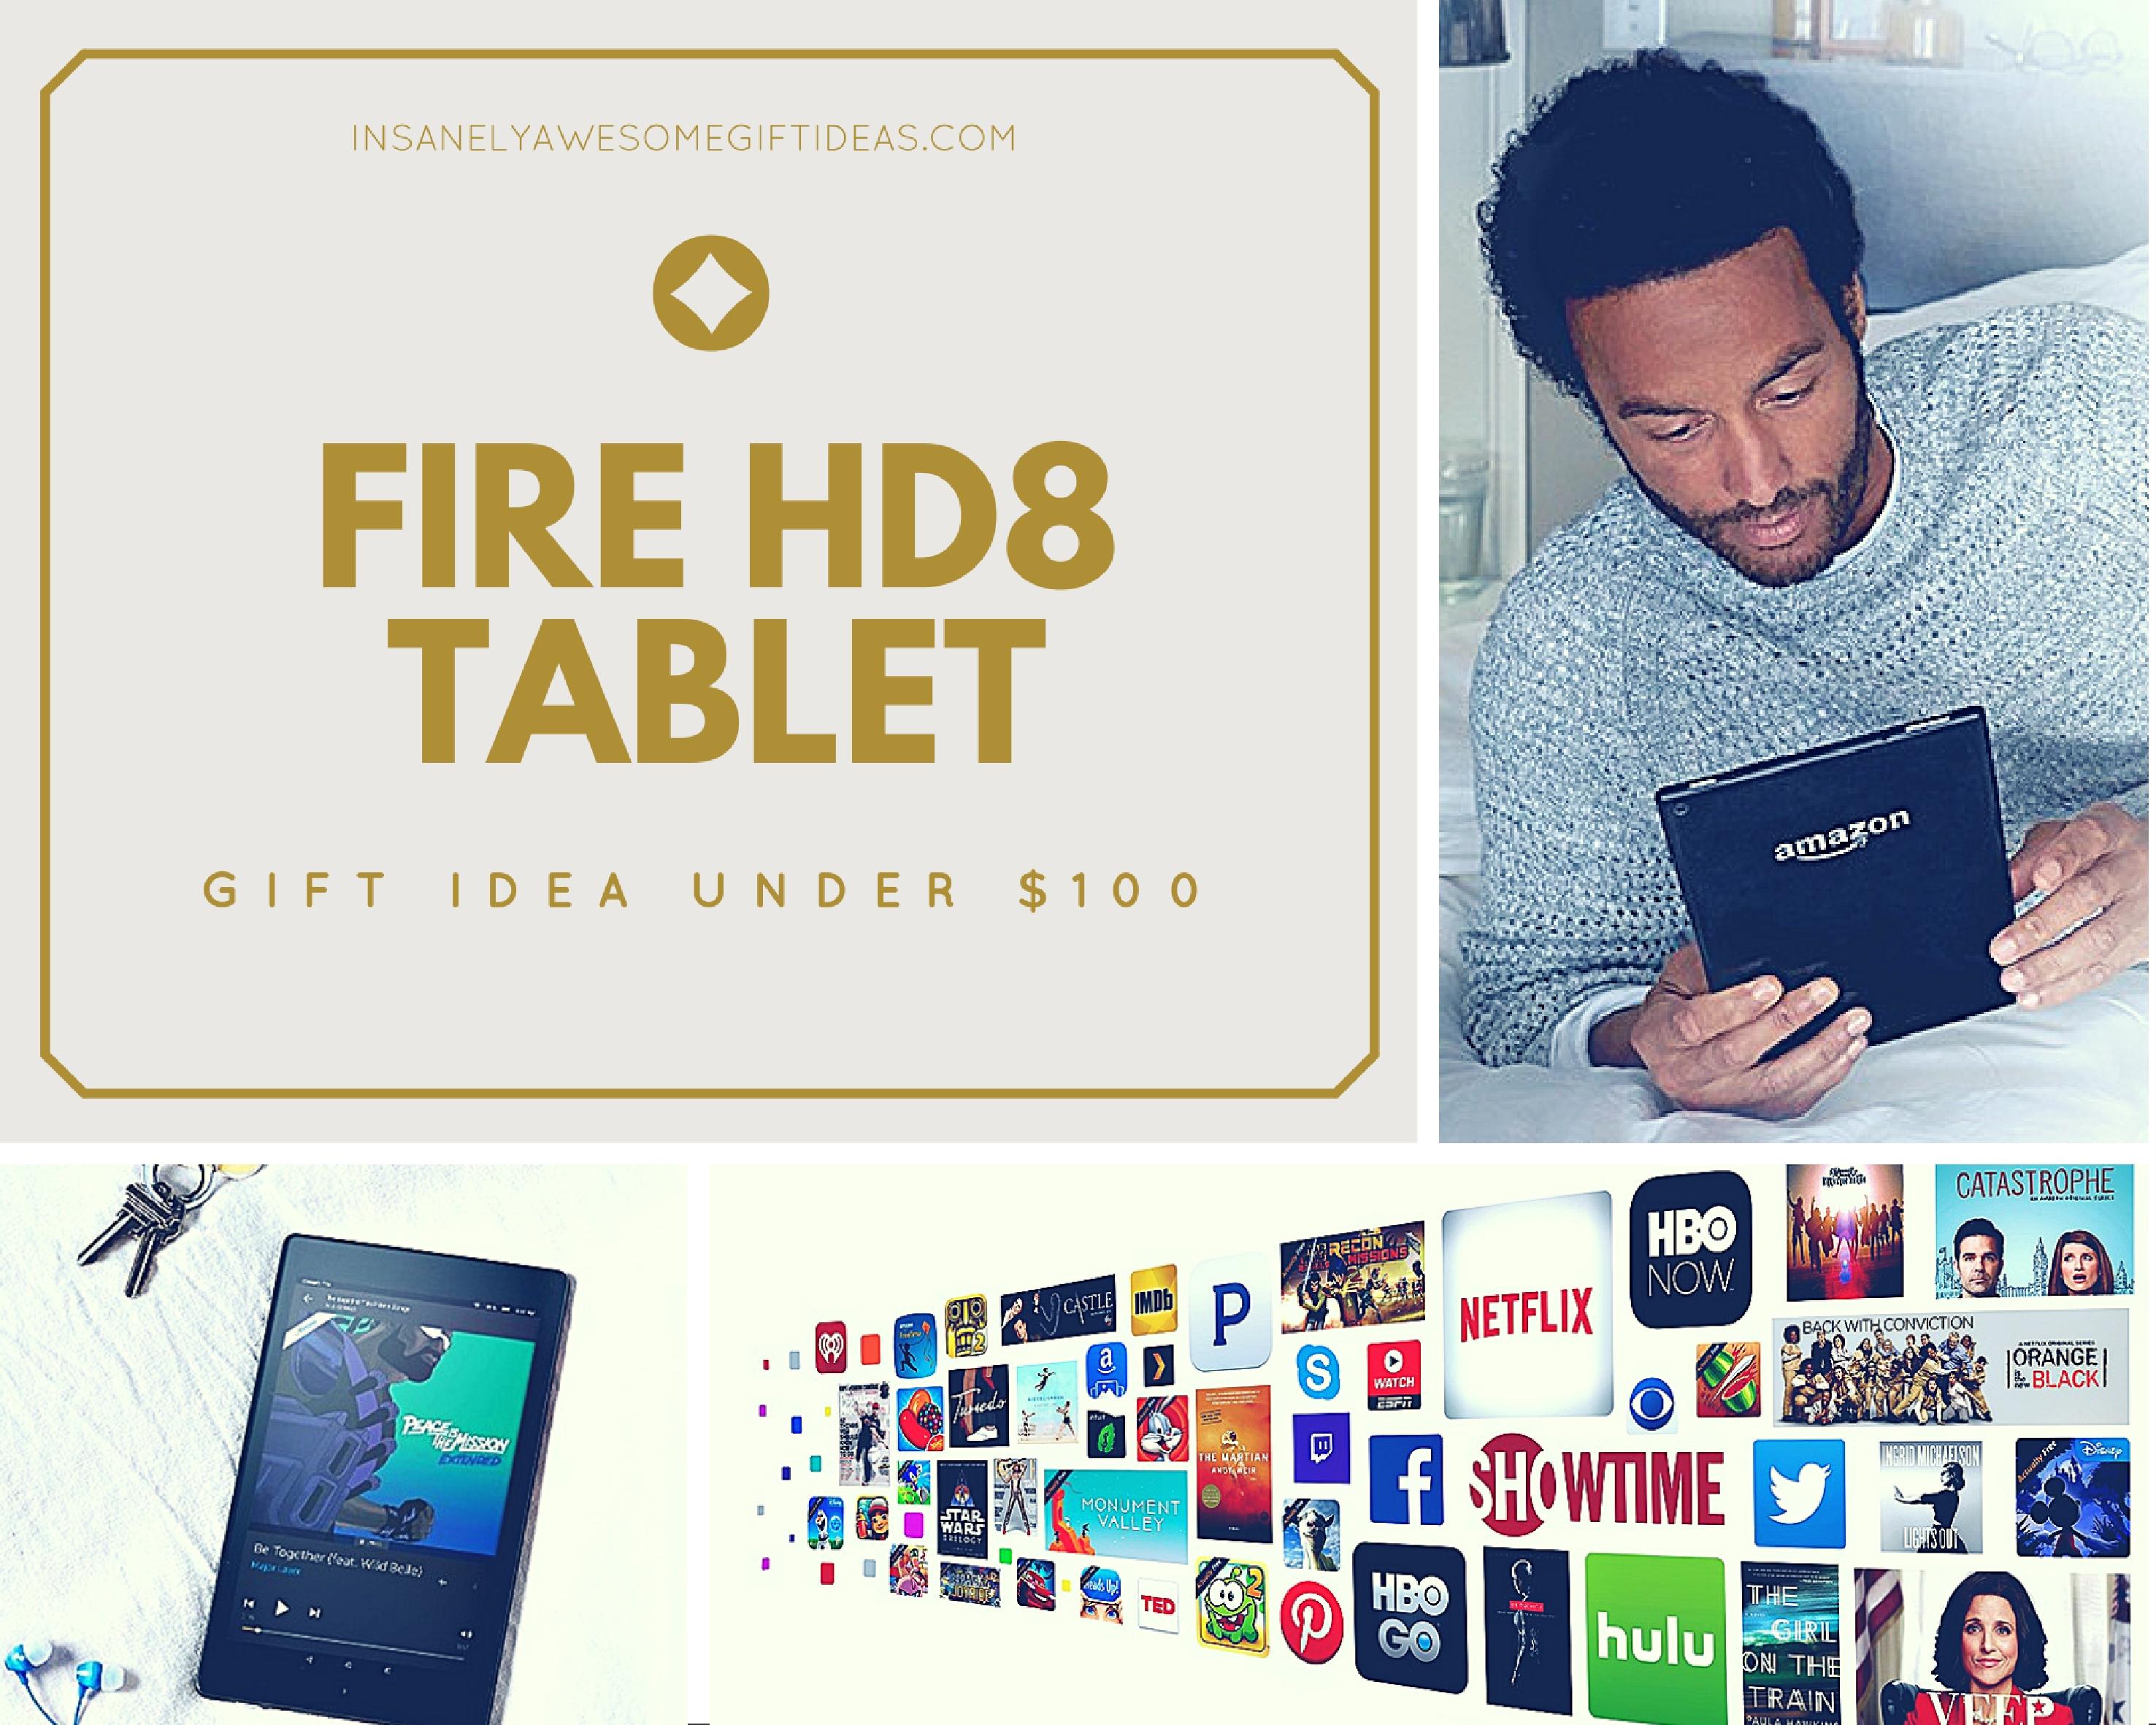 Fire HD8 Tablet Gift Idea